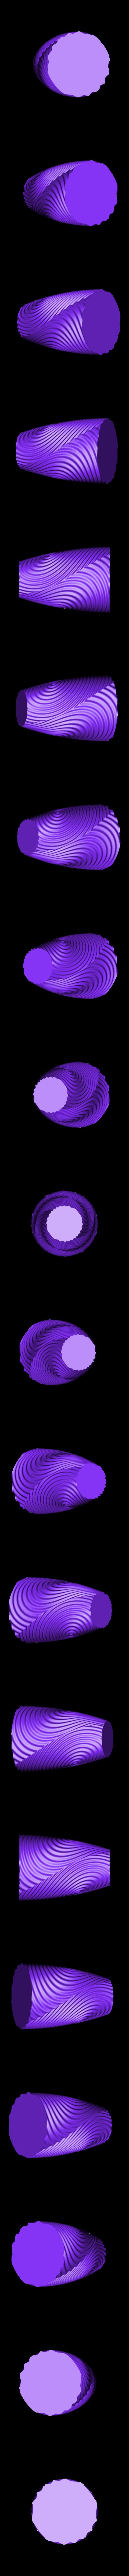 ripple_twist_vase_dense_high_quality.STL Télécharger fichier STL gratuit Vase torsadé gMax pour vase à ondulation torsadée • Plan pour impression 3D, gCreate